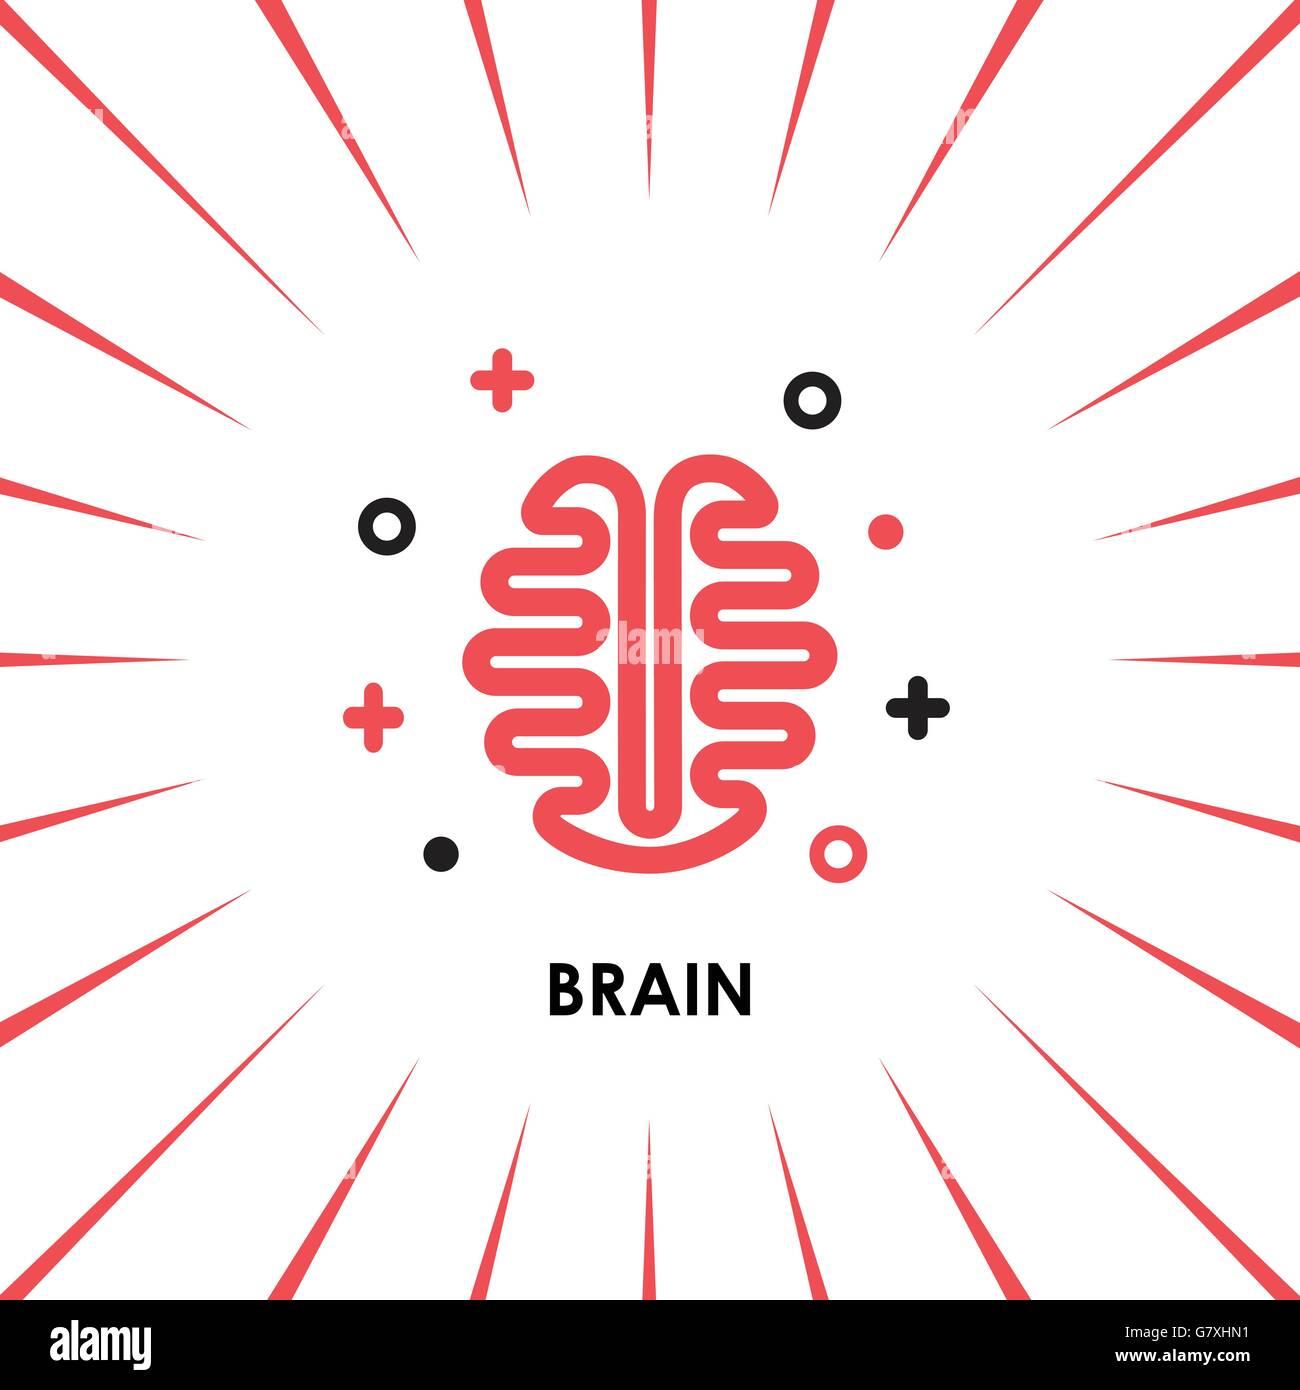 Vista superior de la silueta del logotipo Brain diseño plantilla ...